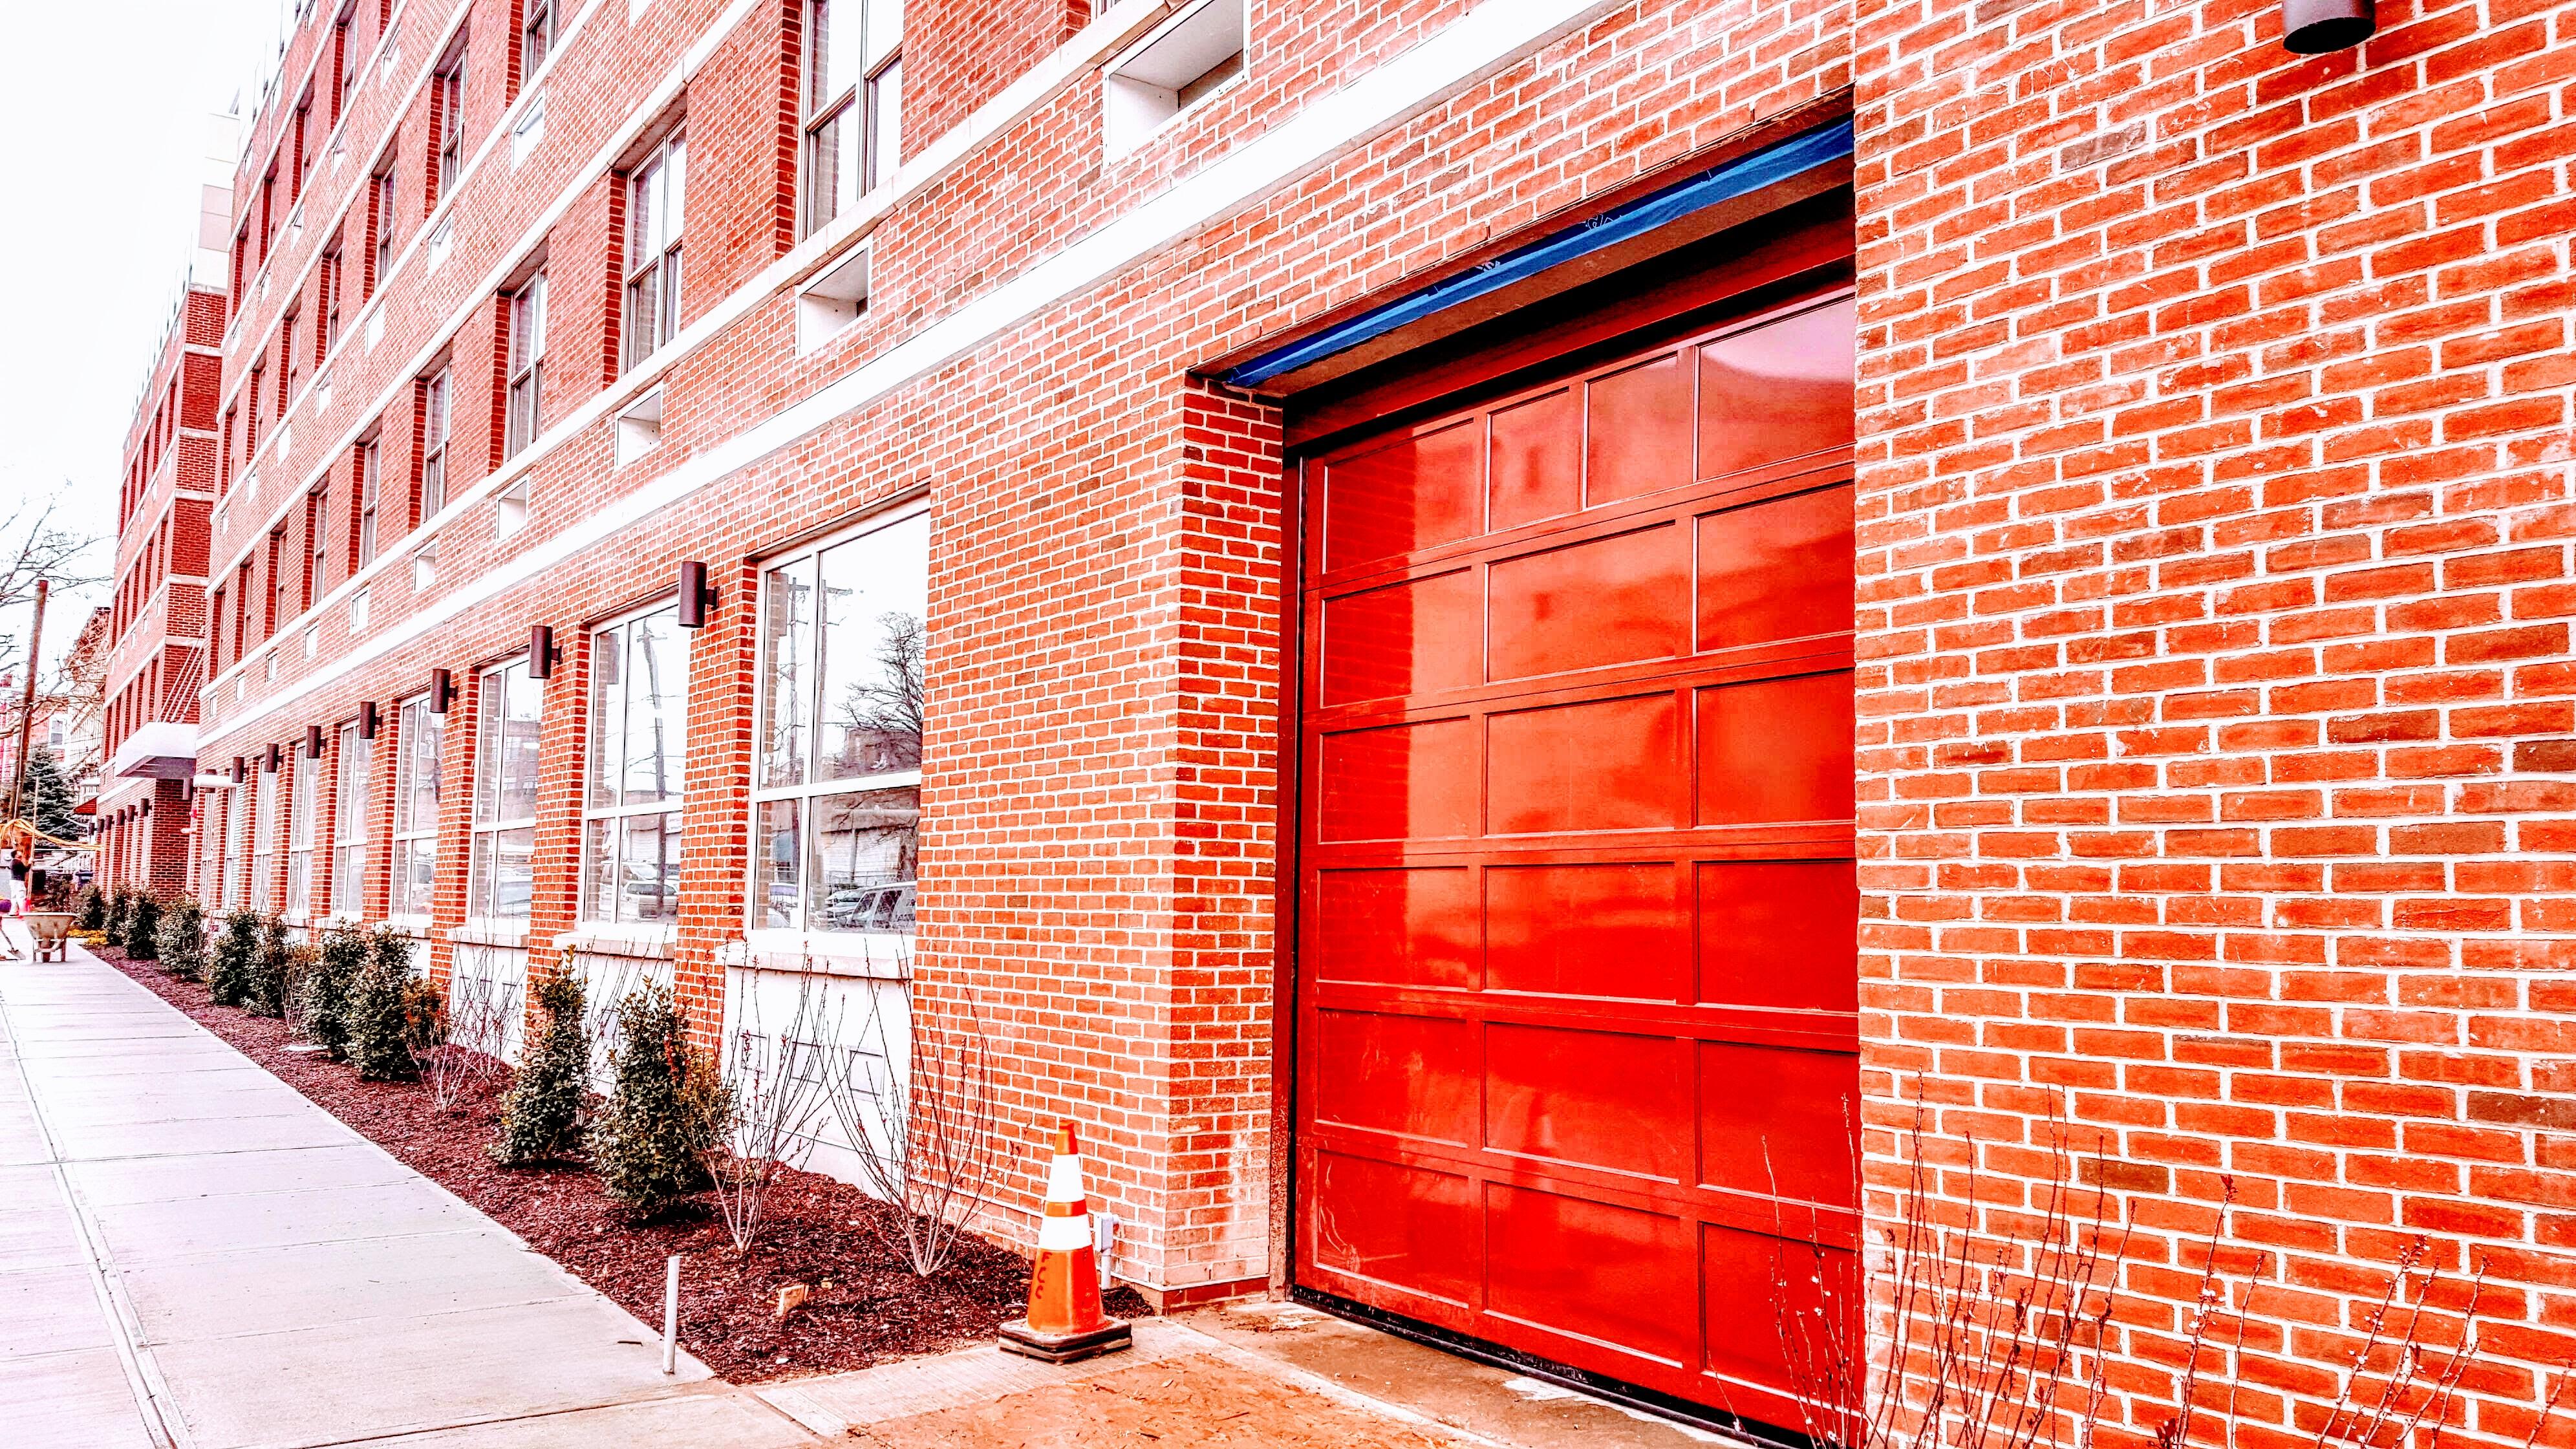 Commercial-Parking-Garage-Door-New-Jersey-Hoboken-Jersey-City.jpg